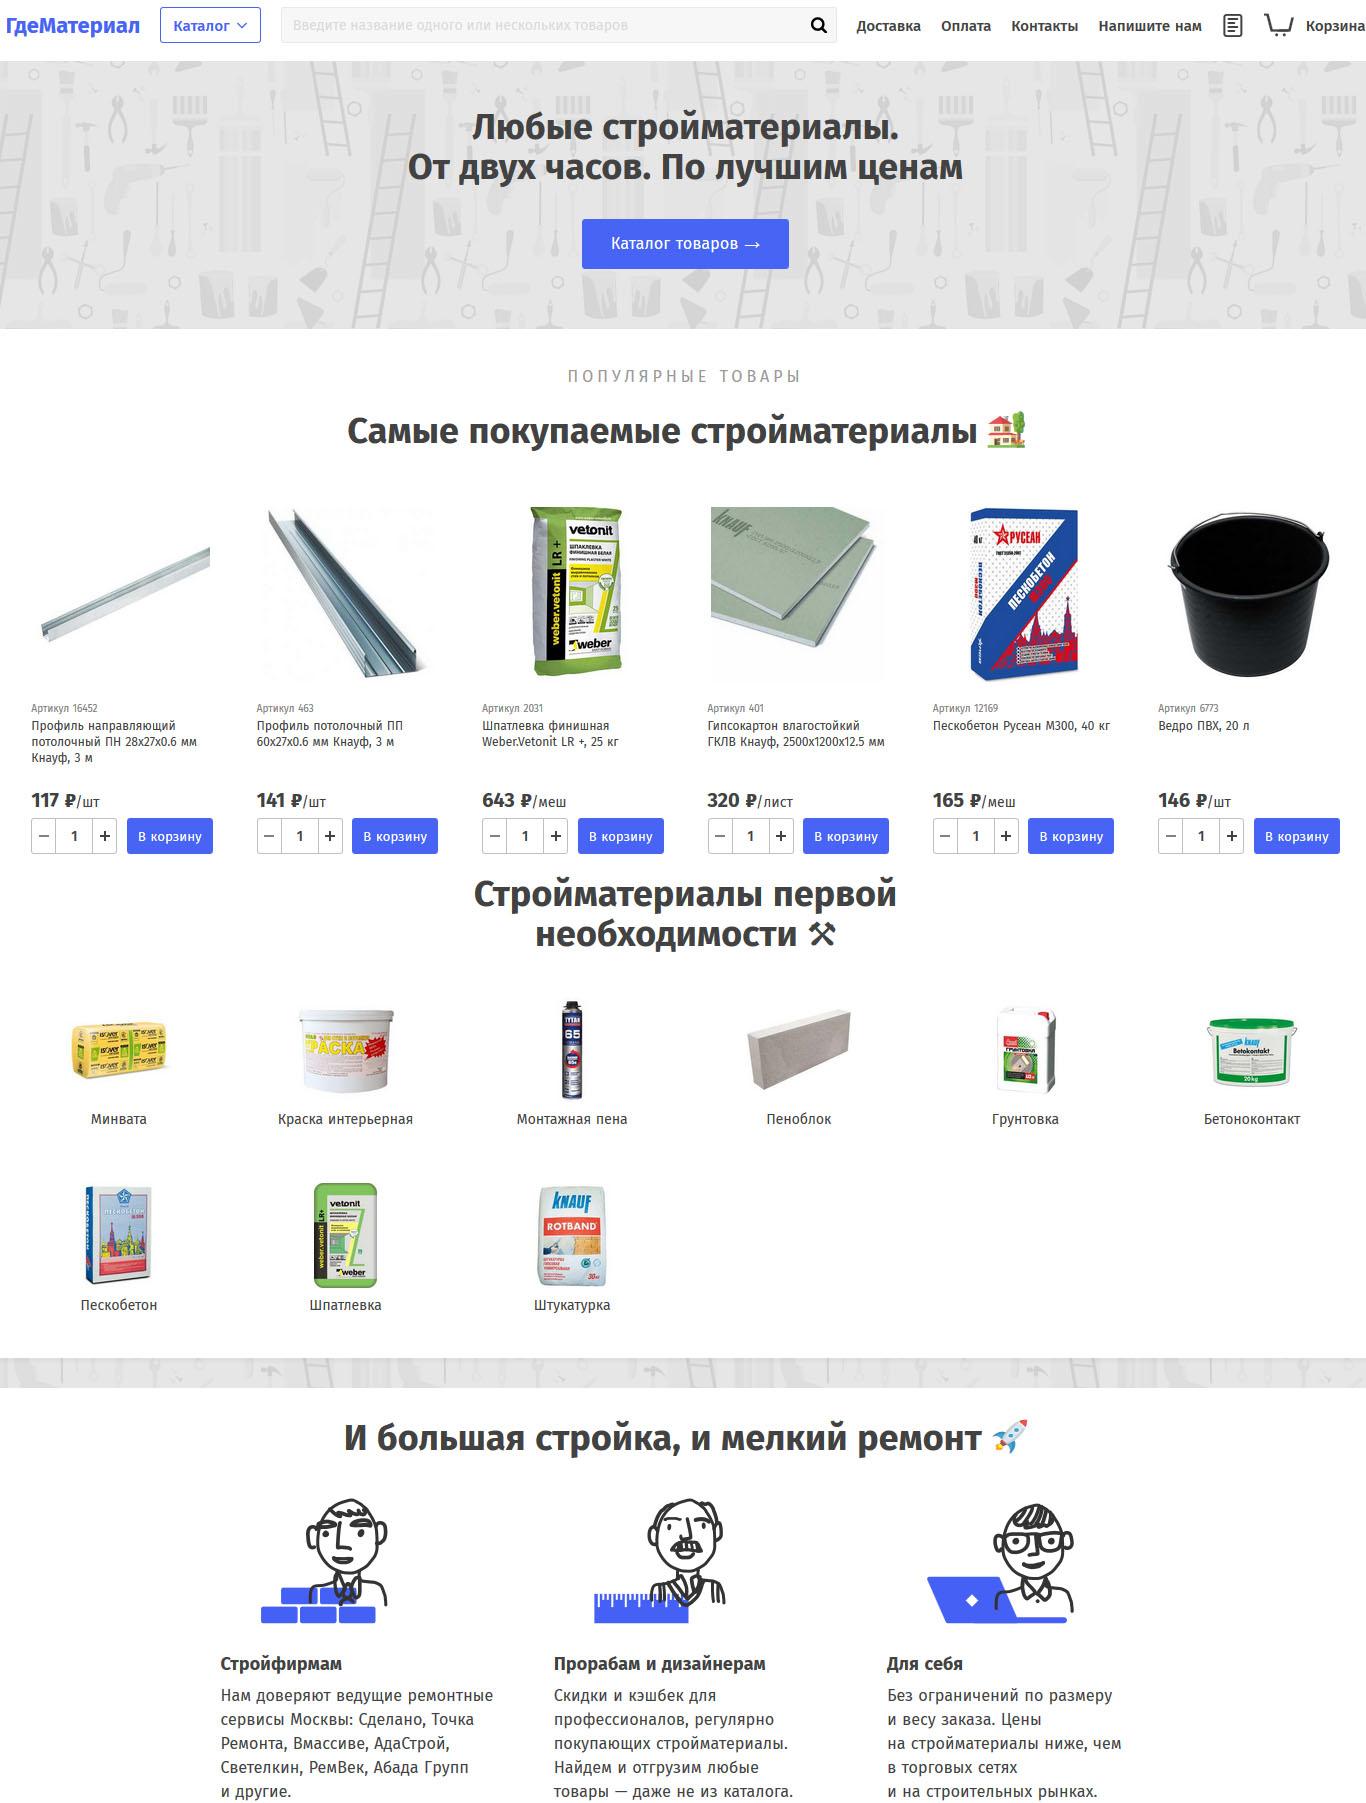 Интернет-магазин Гдематериал